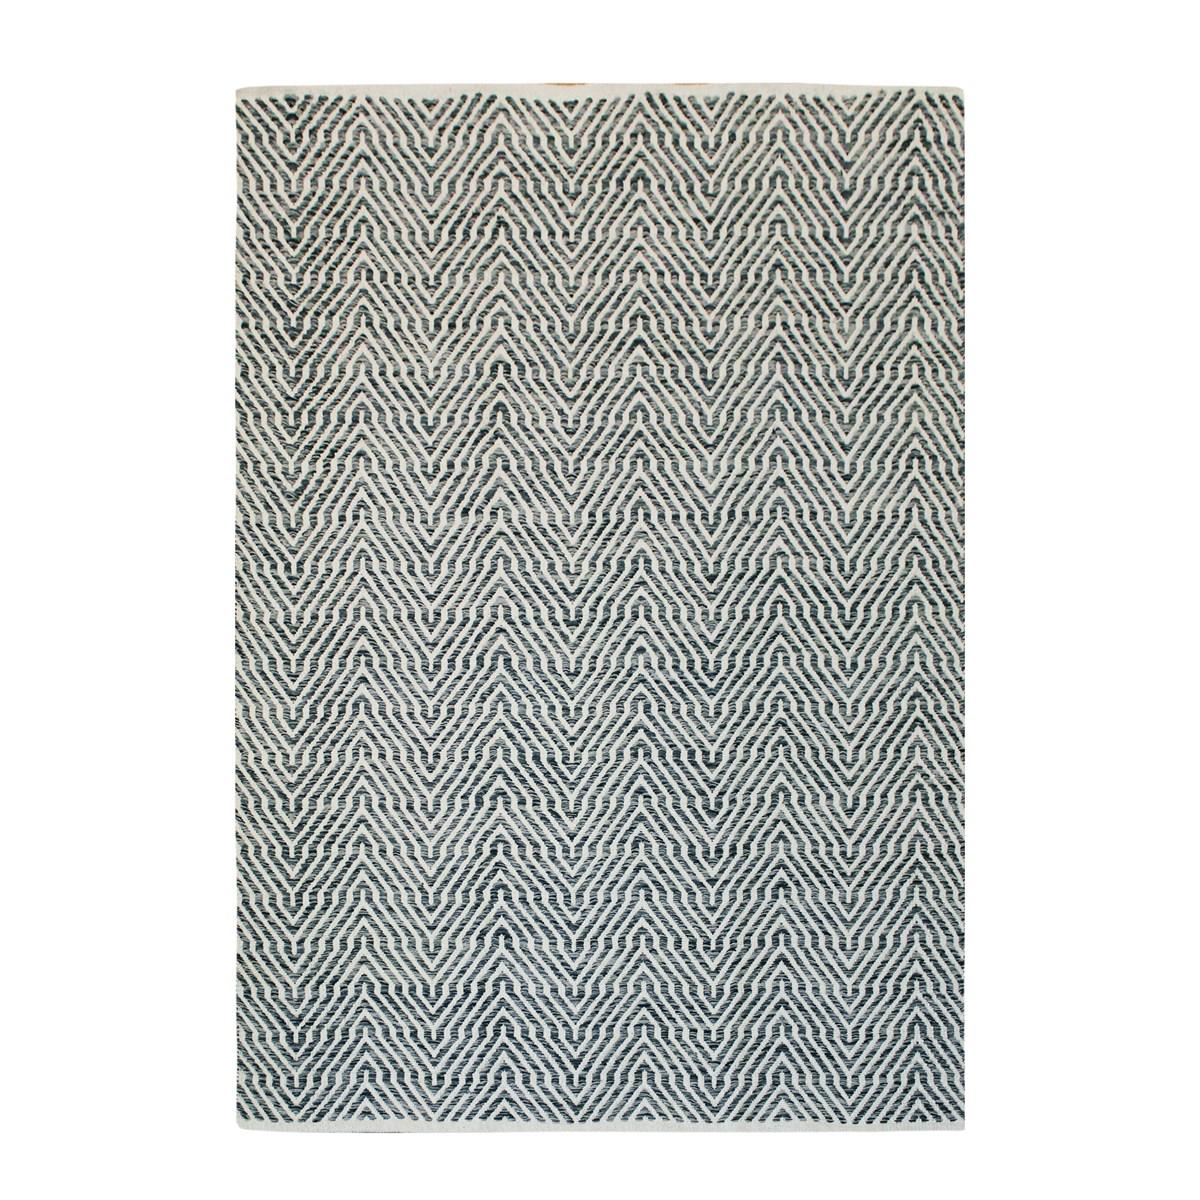 Tapis design en Coton Gris 160x230 cm